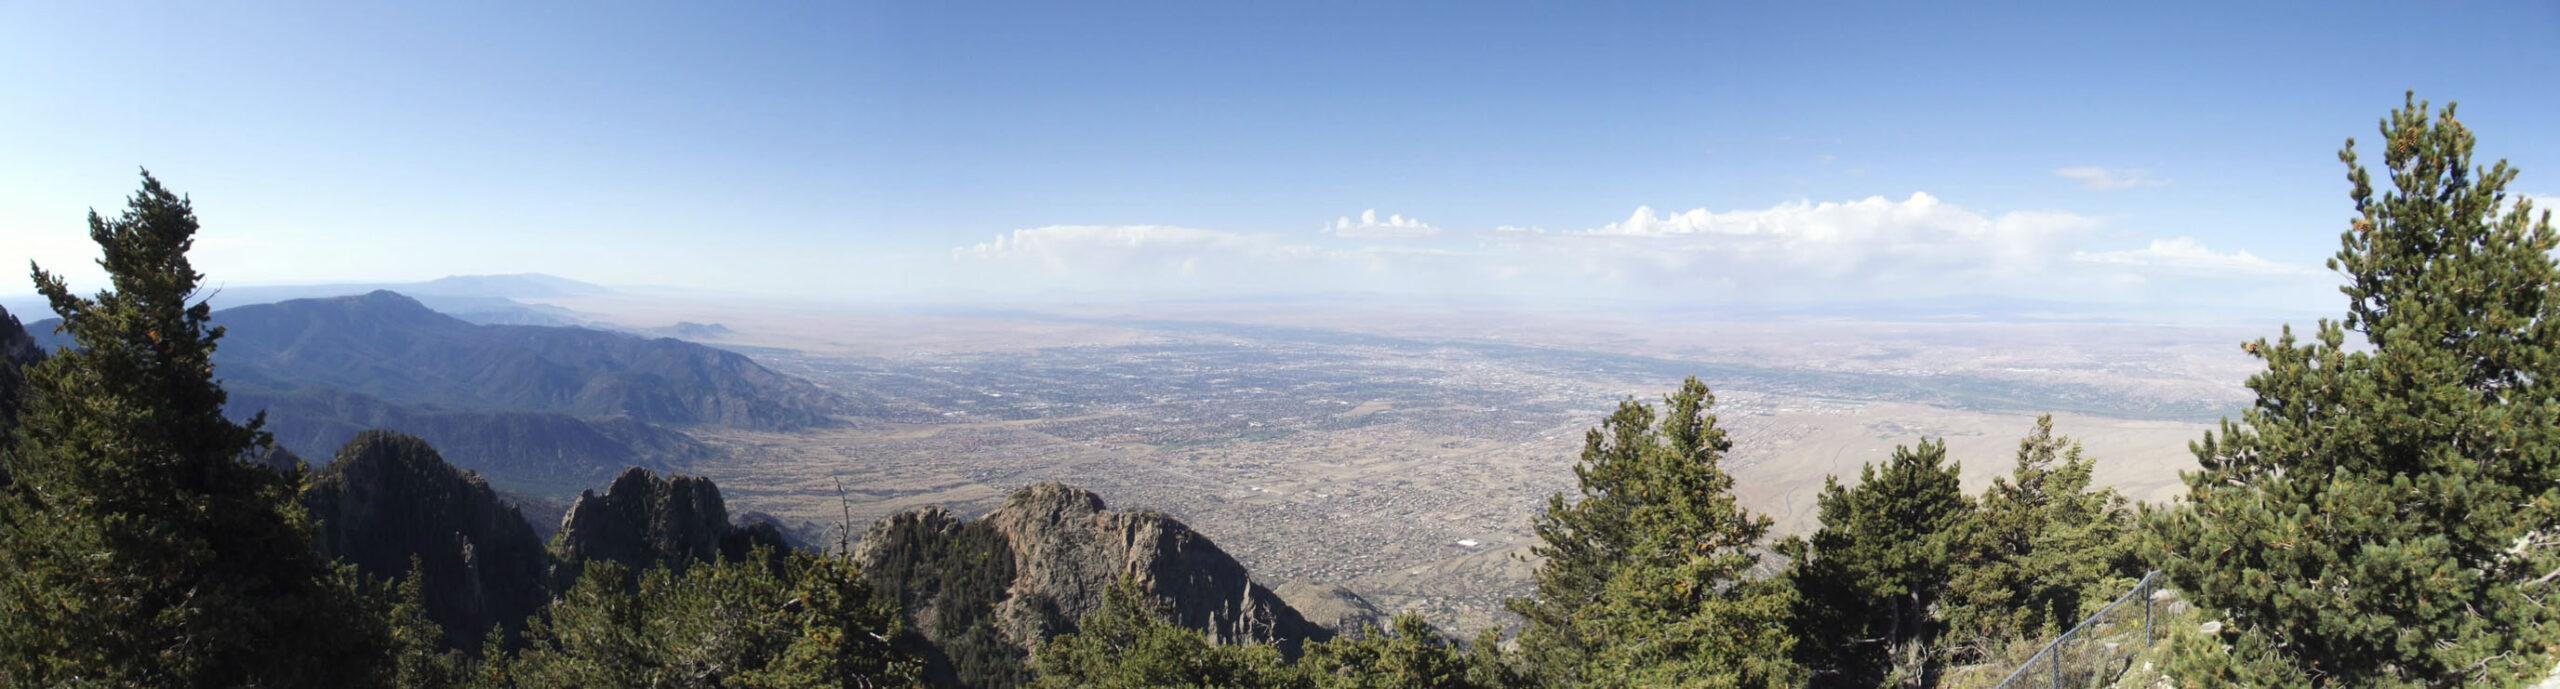 Panoramic shot of valley